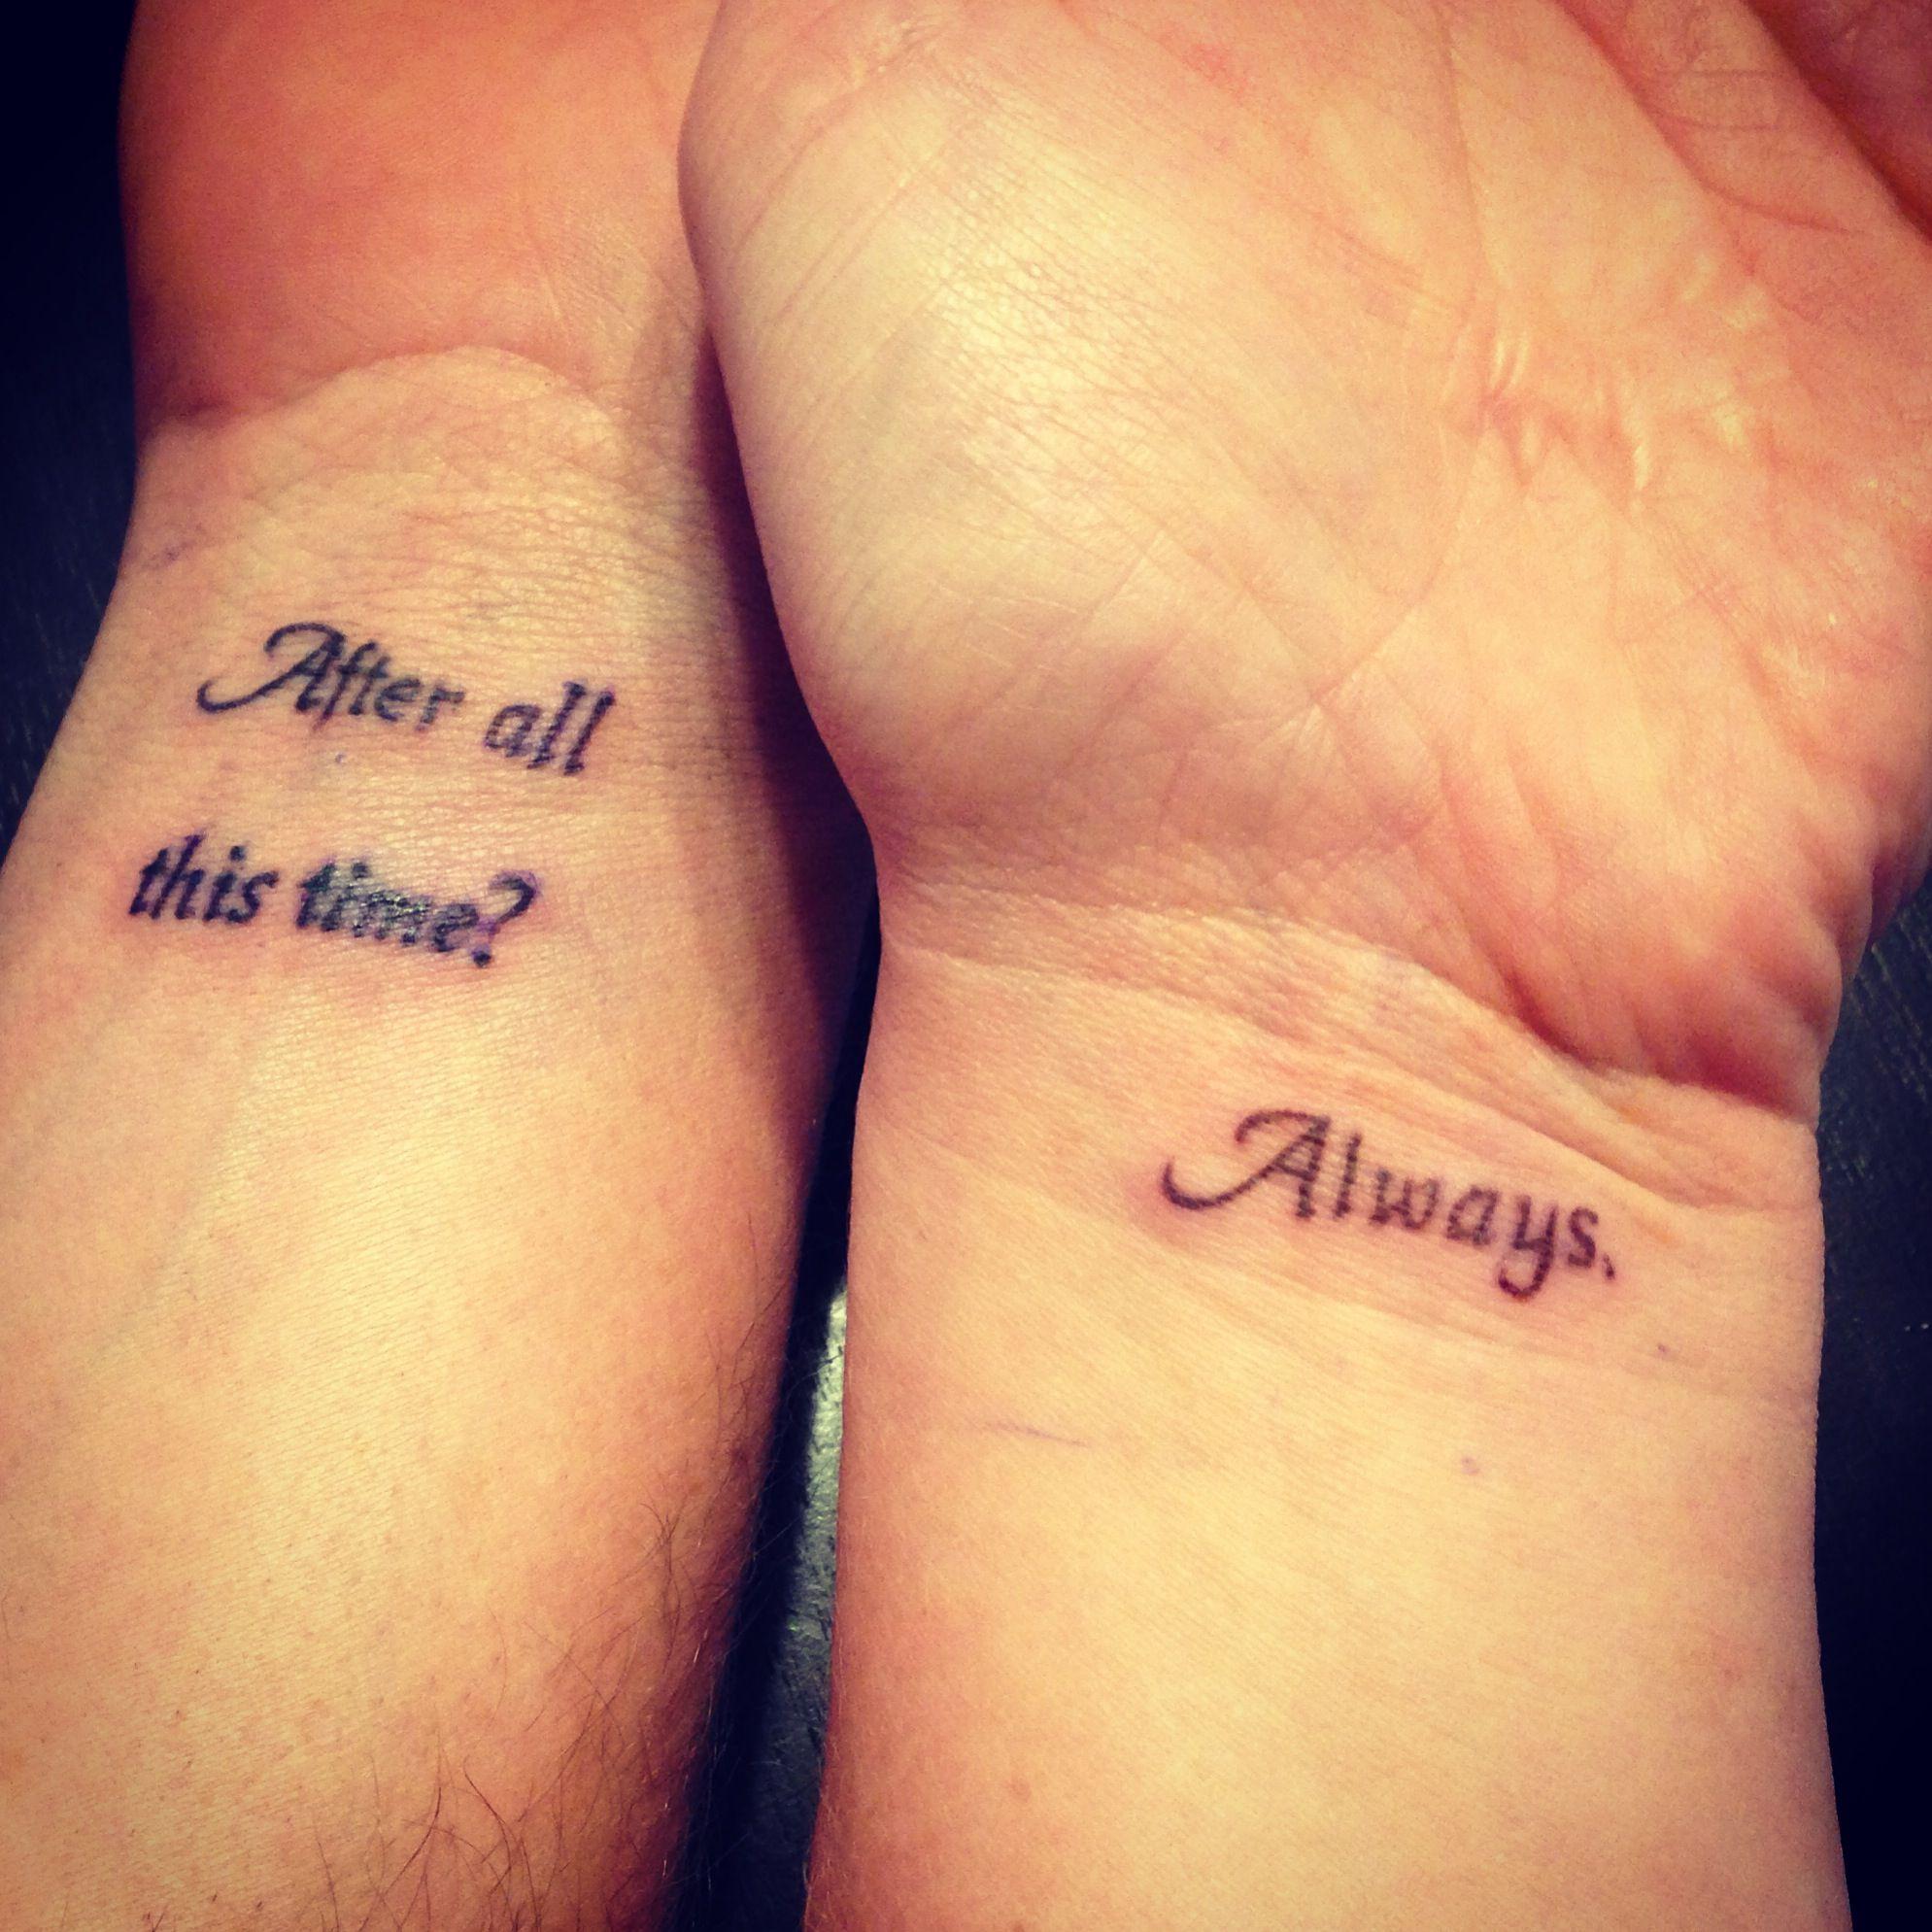 Literary Paraphernalia Literary Couple Tattoos Matching Couple Tattoos Nerd Tattoo Married Couple Tattoos